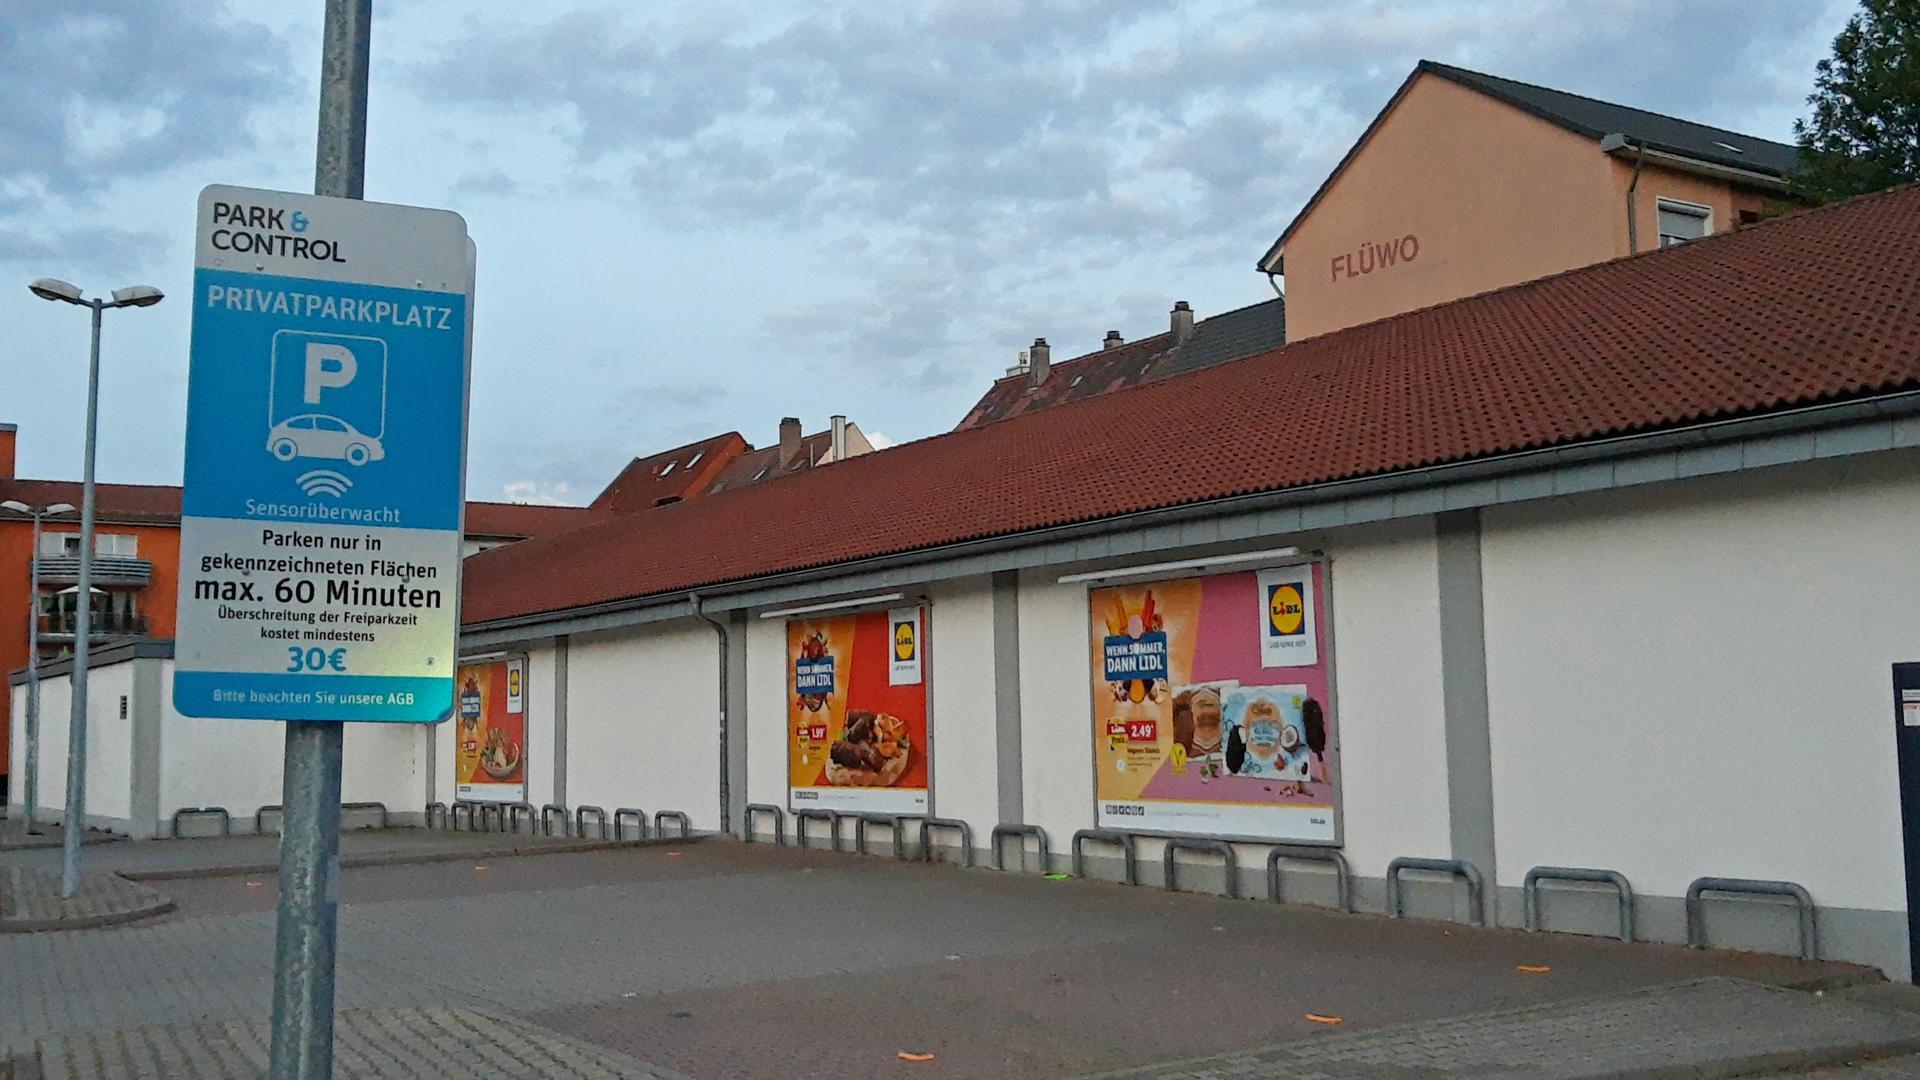 Umstrittene Maßnahmen: Auf dem Lidl-Parkplatz setzt die Firma Park and Control seit 2019 eine Sensortechnik ein, anders als im Dänischen Bettenlager nebenan. Kritik gibt es an allen drei Unternehmen.